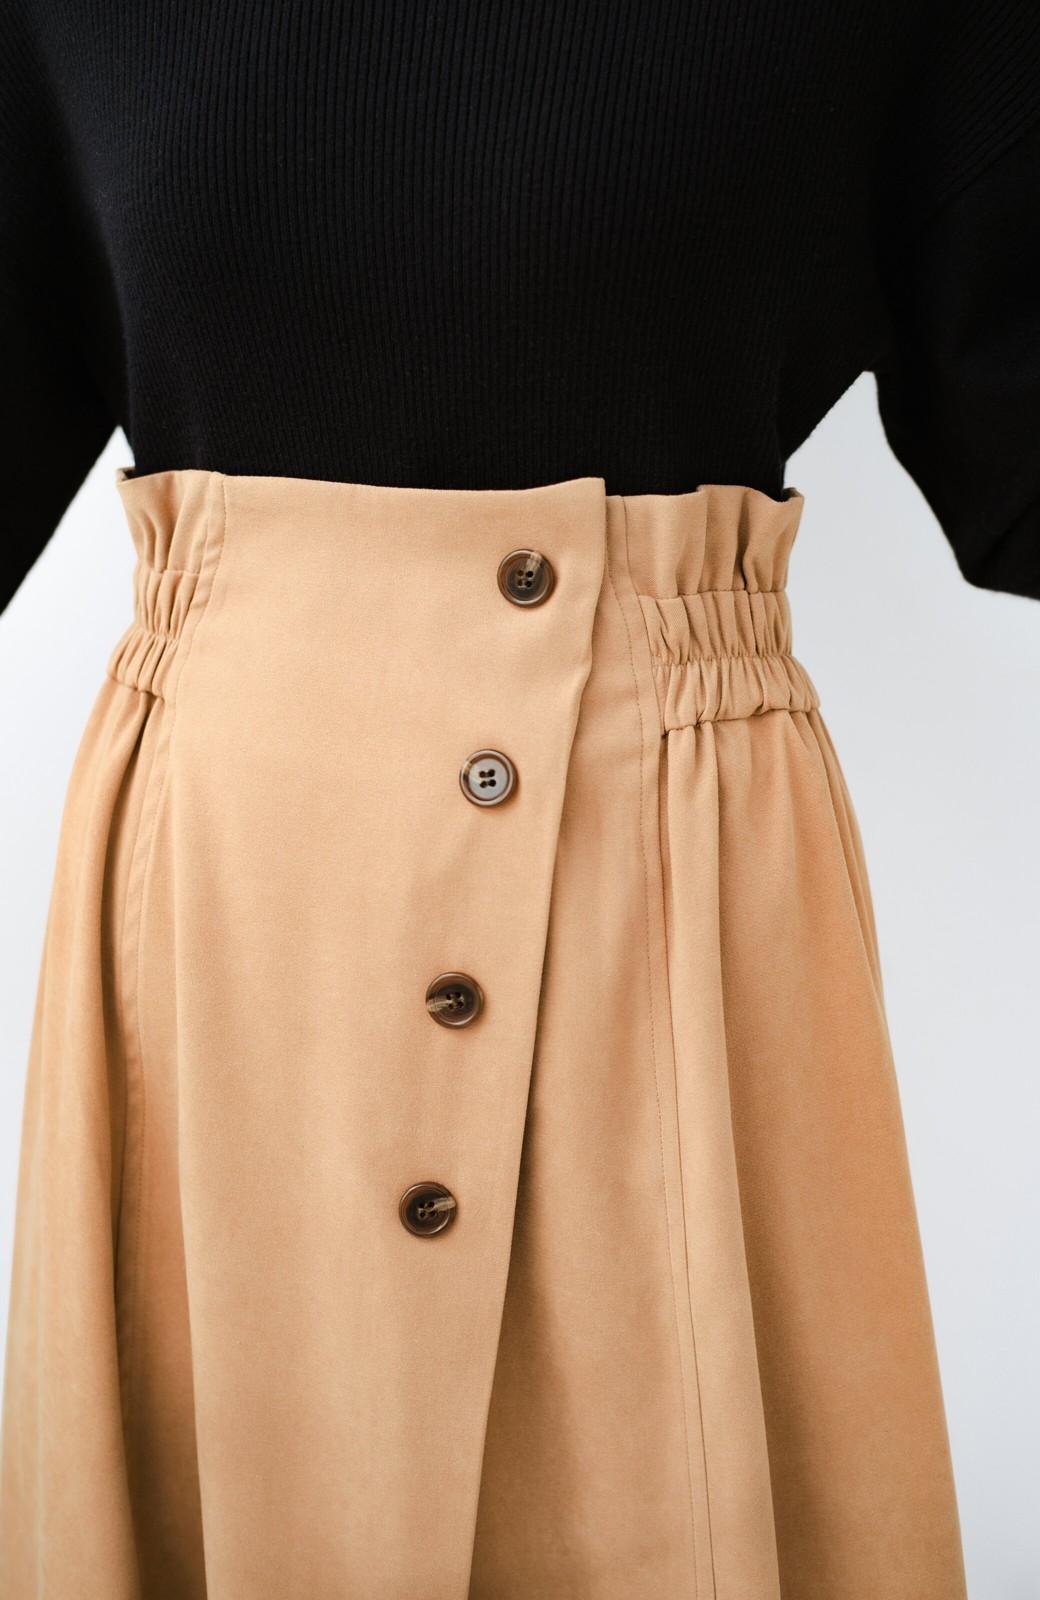 haco! 楽ちんなのにきれい見せが叶う ボタンがポイントの大人スカート <ベージュ>の商品写真9